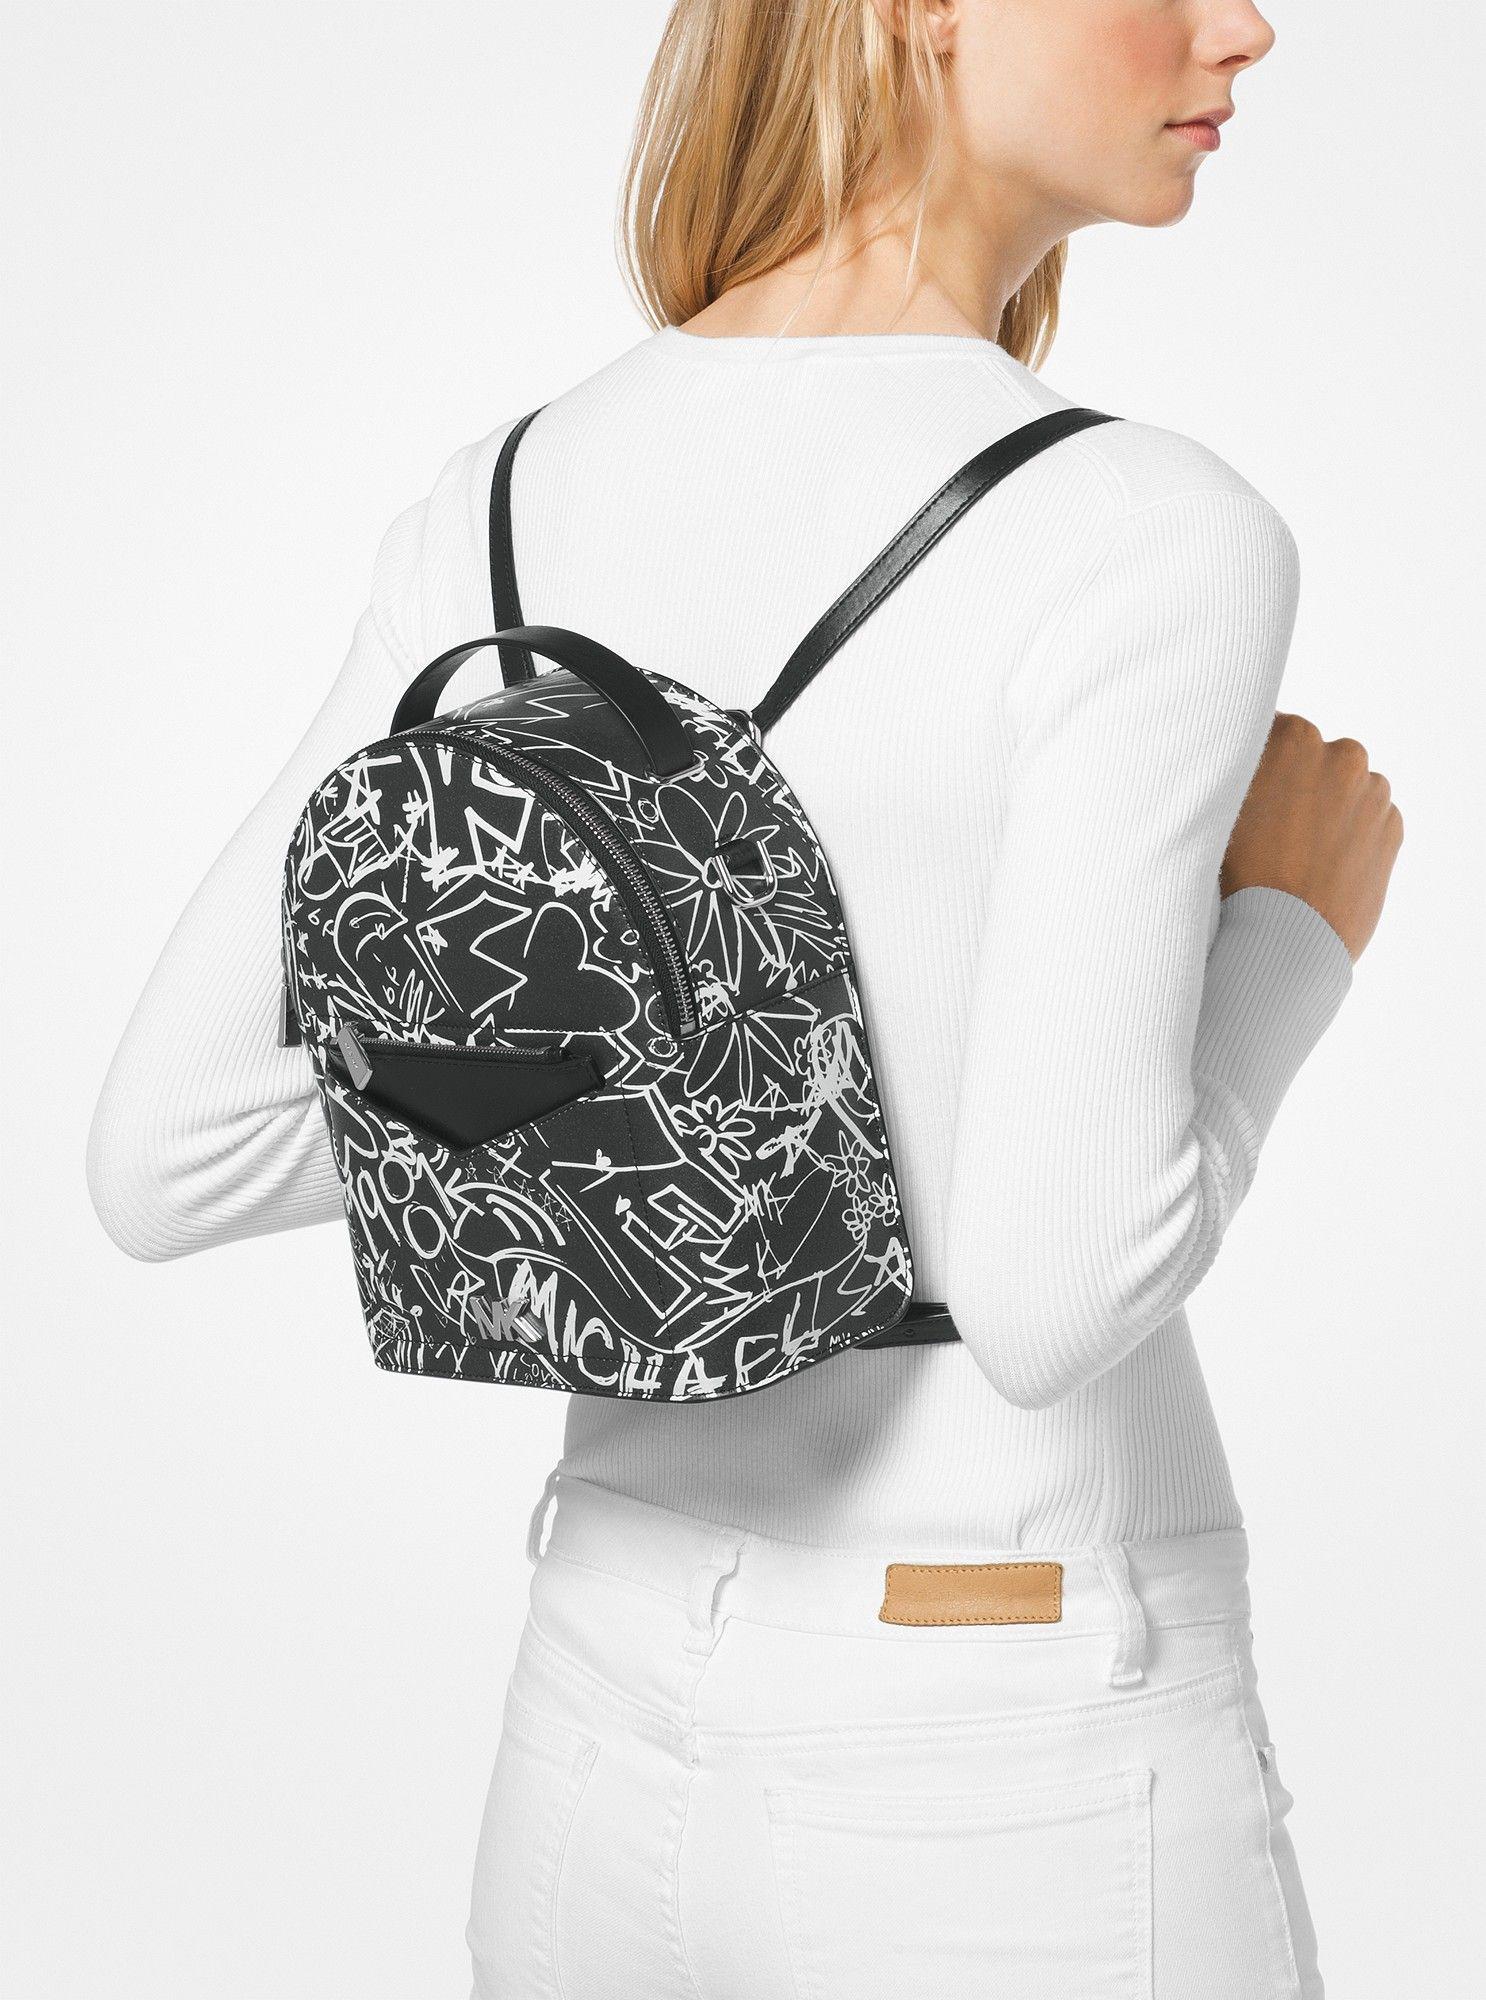 d45fb6c52e70 Michael Kors Jessa Small Graffiti Leather Convertible Backpack - Optic White